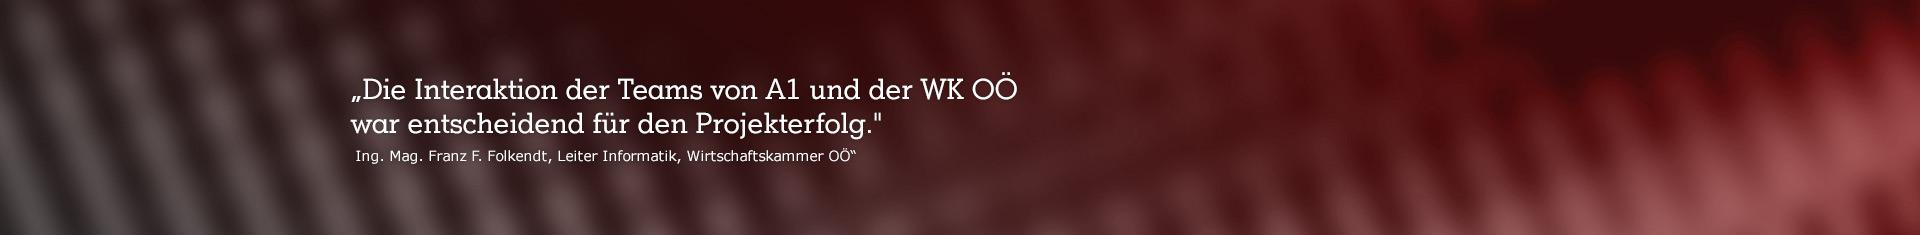 """abstraktres Bild mit Zitat """"Die Interaktion der Teams von A1 und der WK OÖ war entscheidend für den Projekterfolg."""